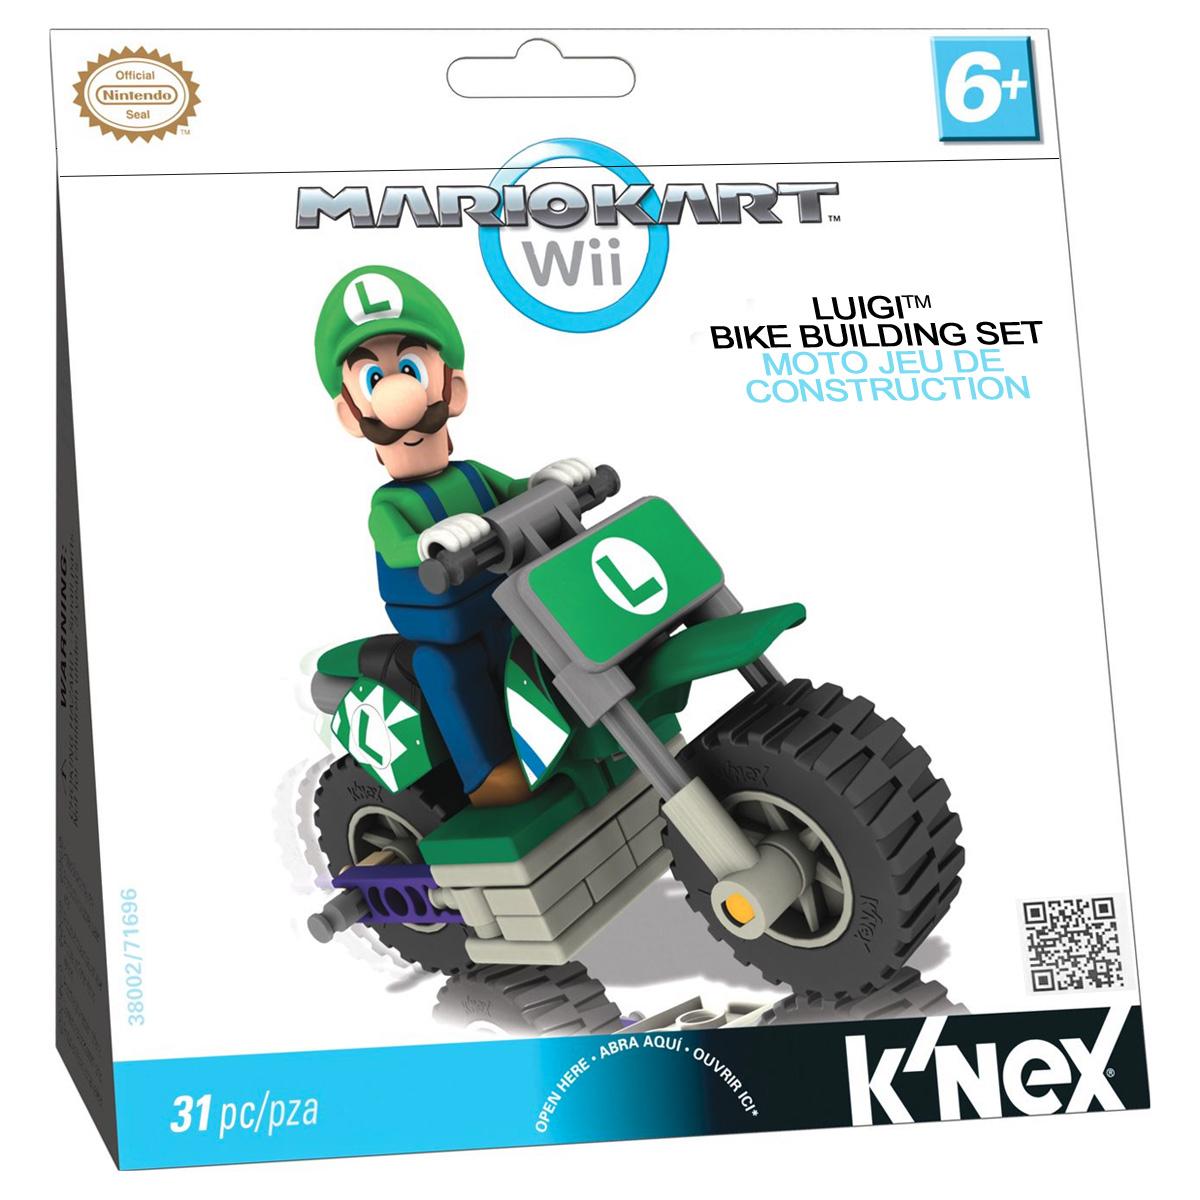 KNEX Конструктор Транспорт Mario цвет зеленый38002/T71696Конструктор Транспорт Mario понравится всем поклонникам видеоигры от компании Nintendo. В комплект входит 31 элемент конструктора, включая фигурку любимого героя. С помощью элементов конструктора ребенок сможет собрать мотоцикл и фигурку Луиджи.